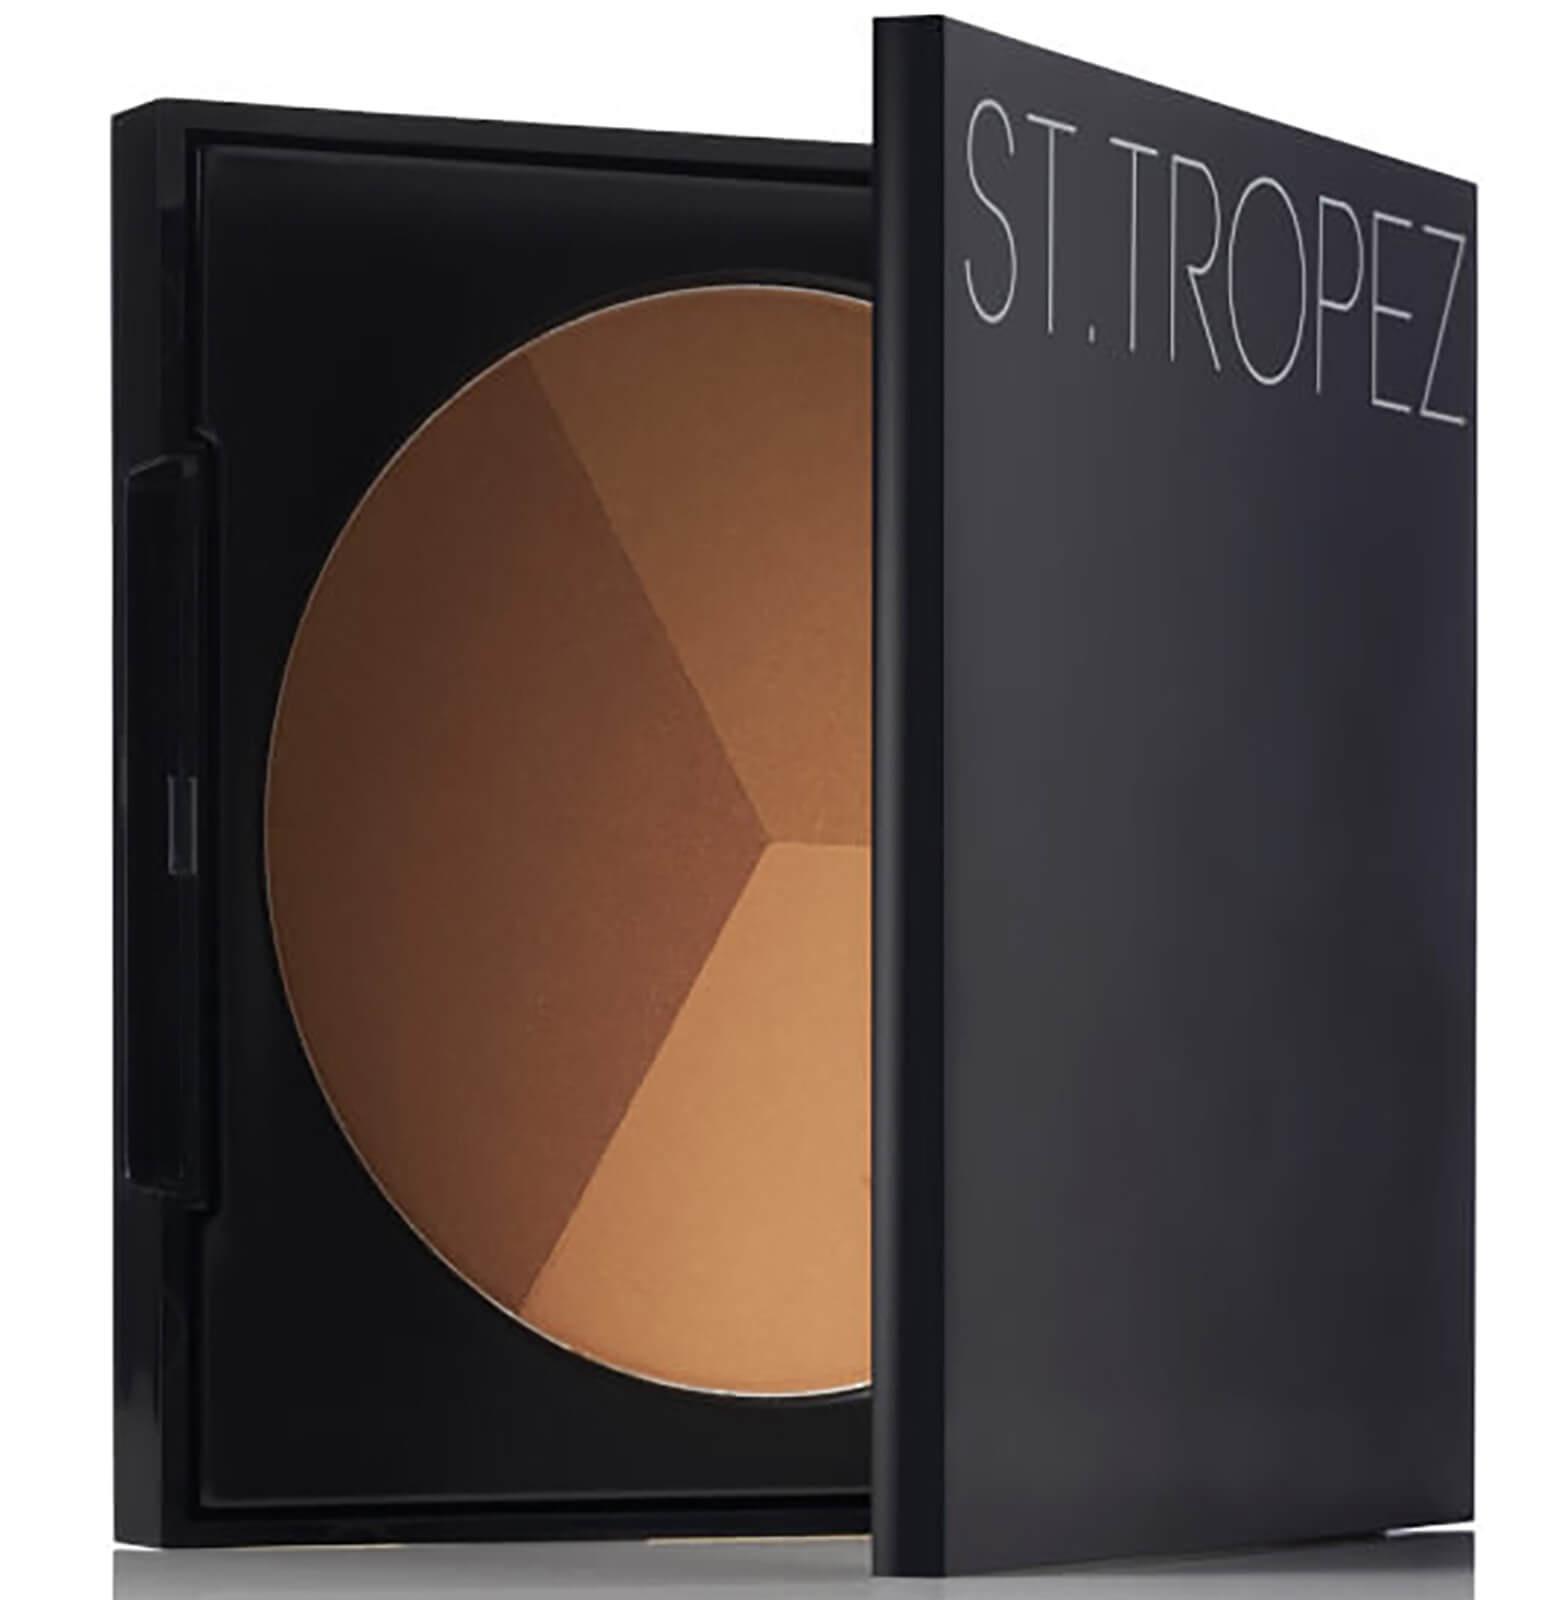 St. Tropez Bronzer 3 In 1